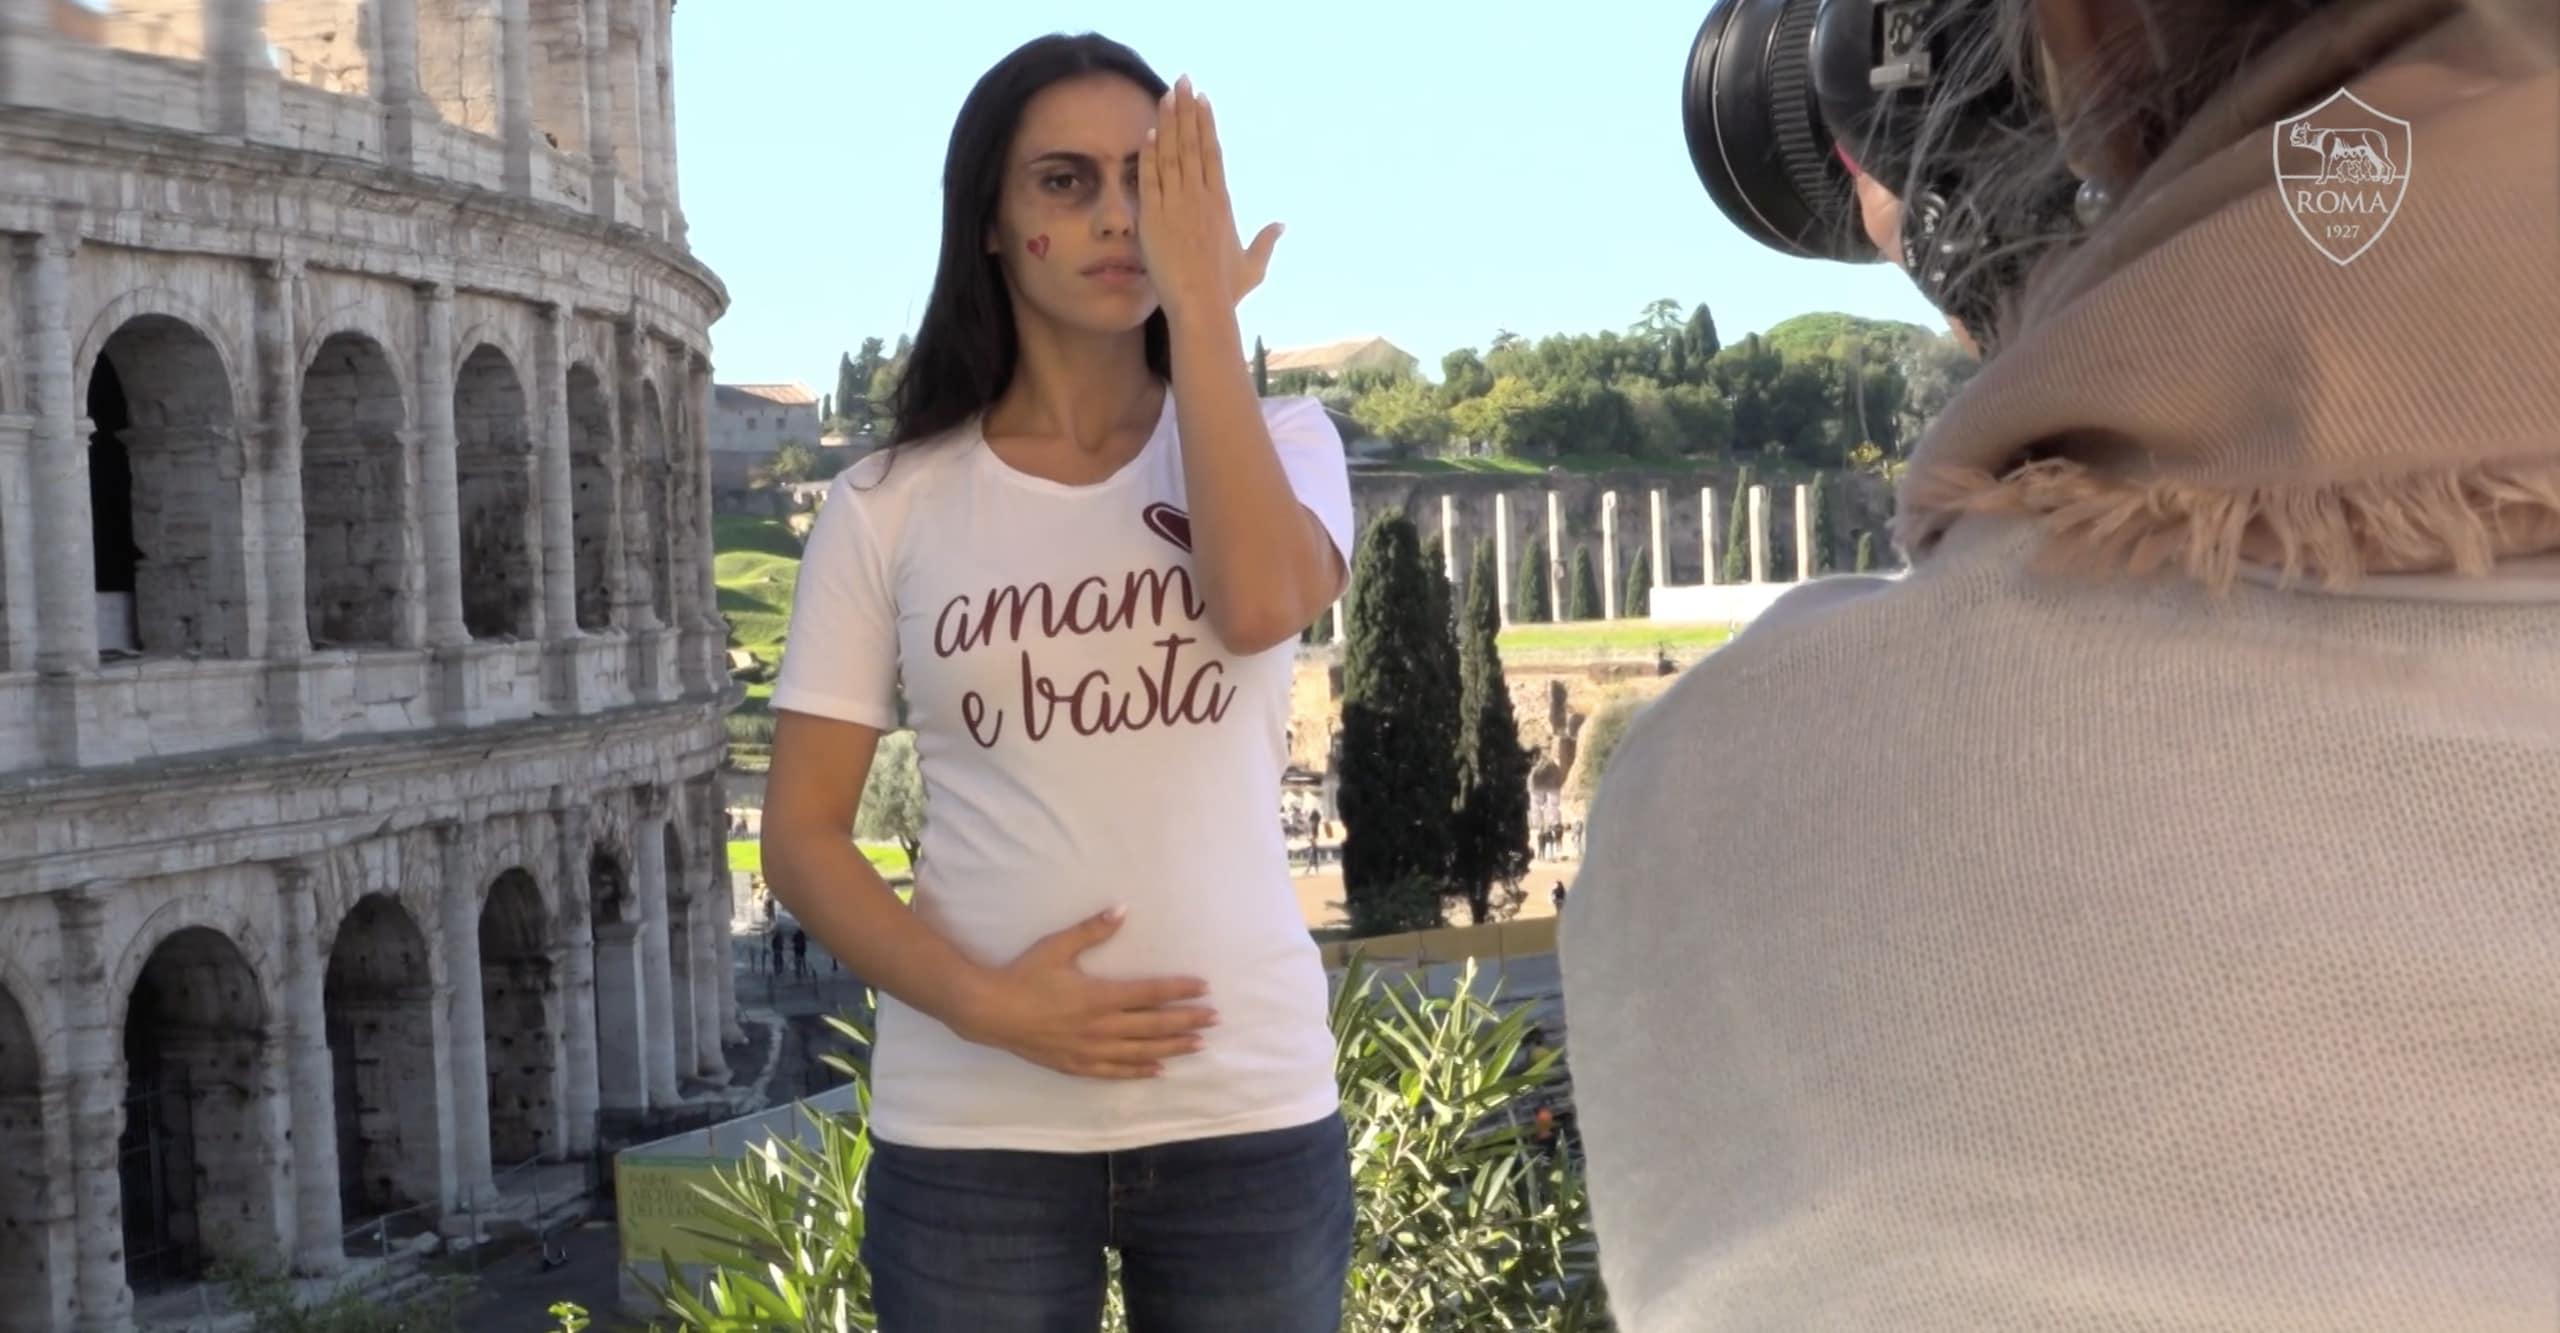 """Roma, """"Amami e basta"""": ecco il backstage del calendario delle mogli dei giocatori"""